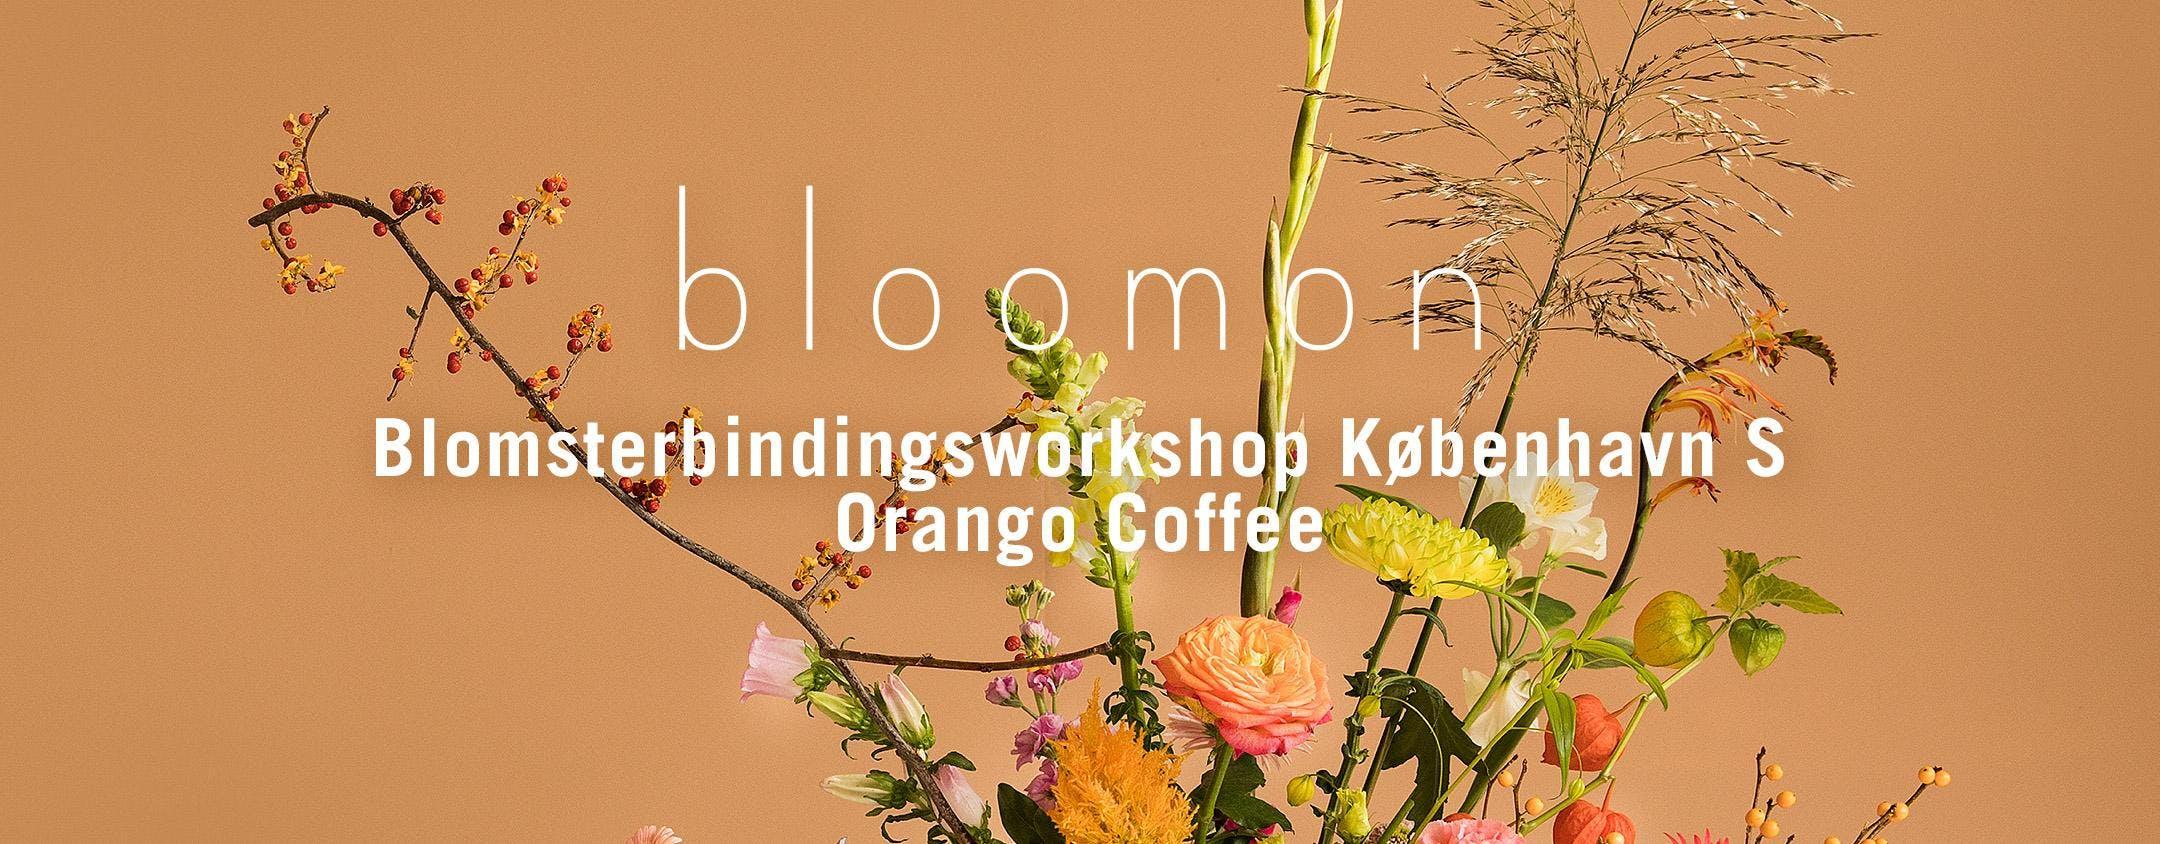 bloomon blomsterbindings-workshop 12. decembe